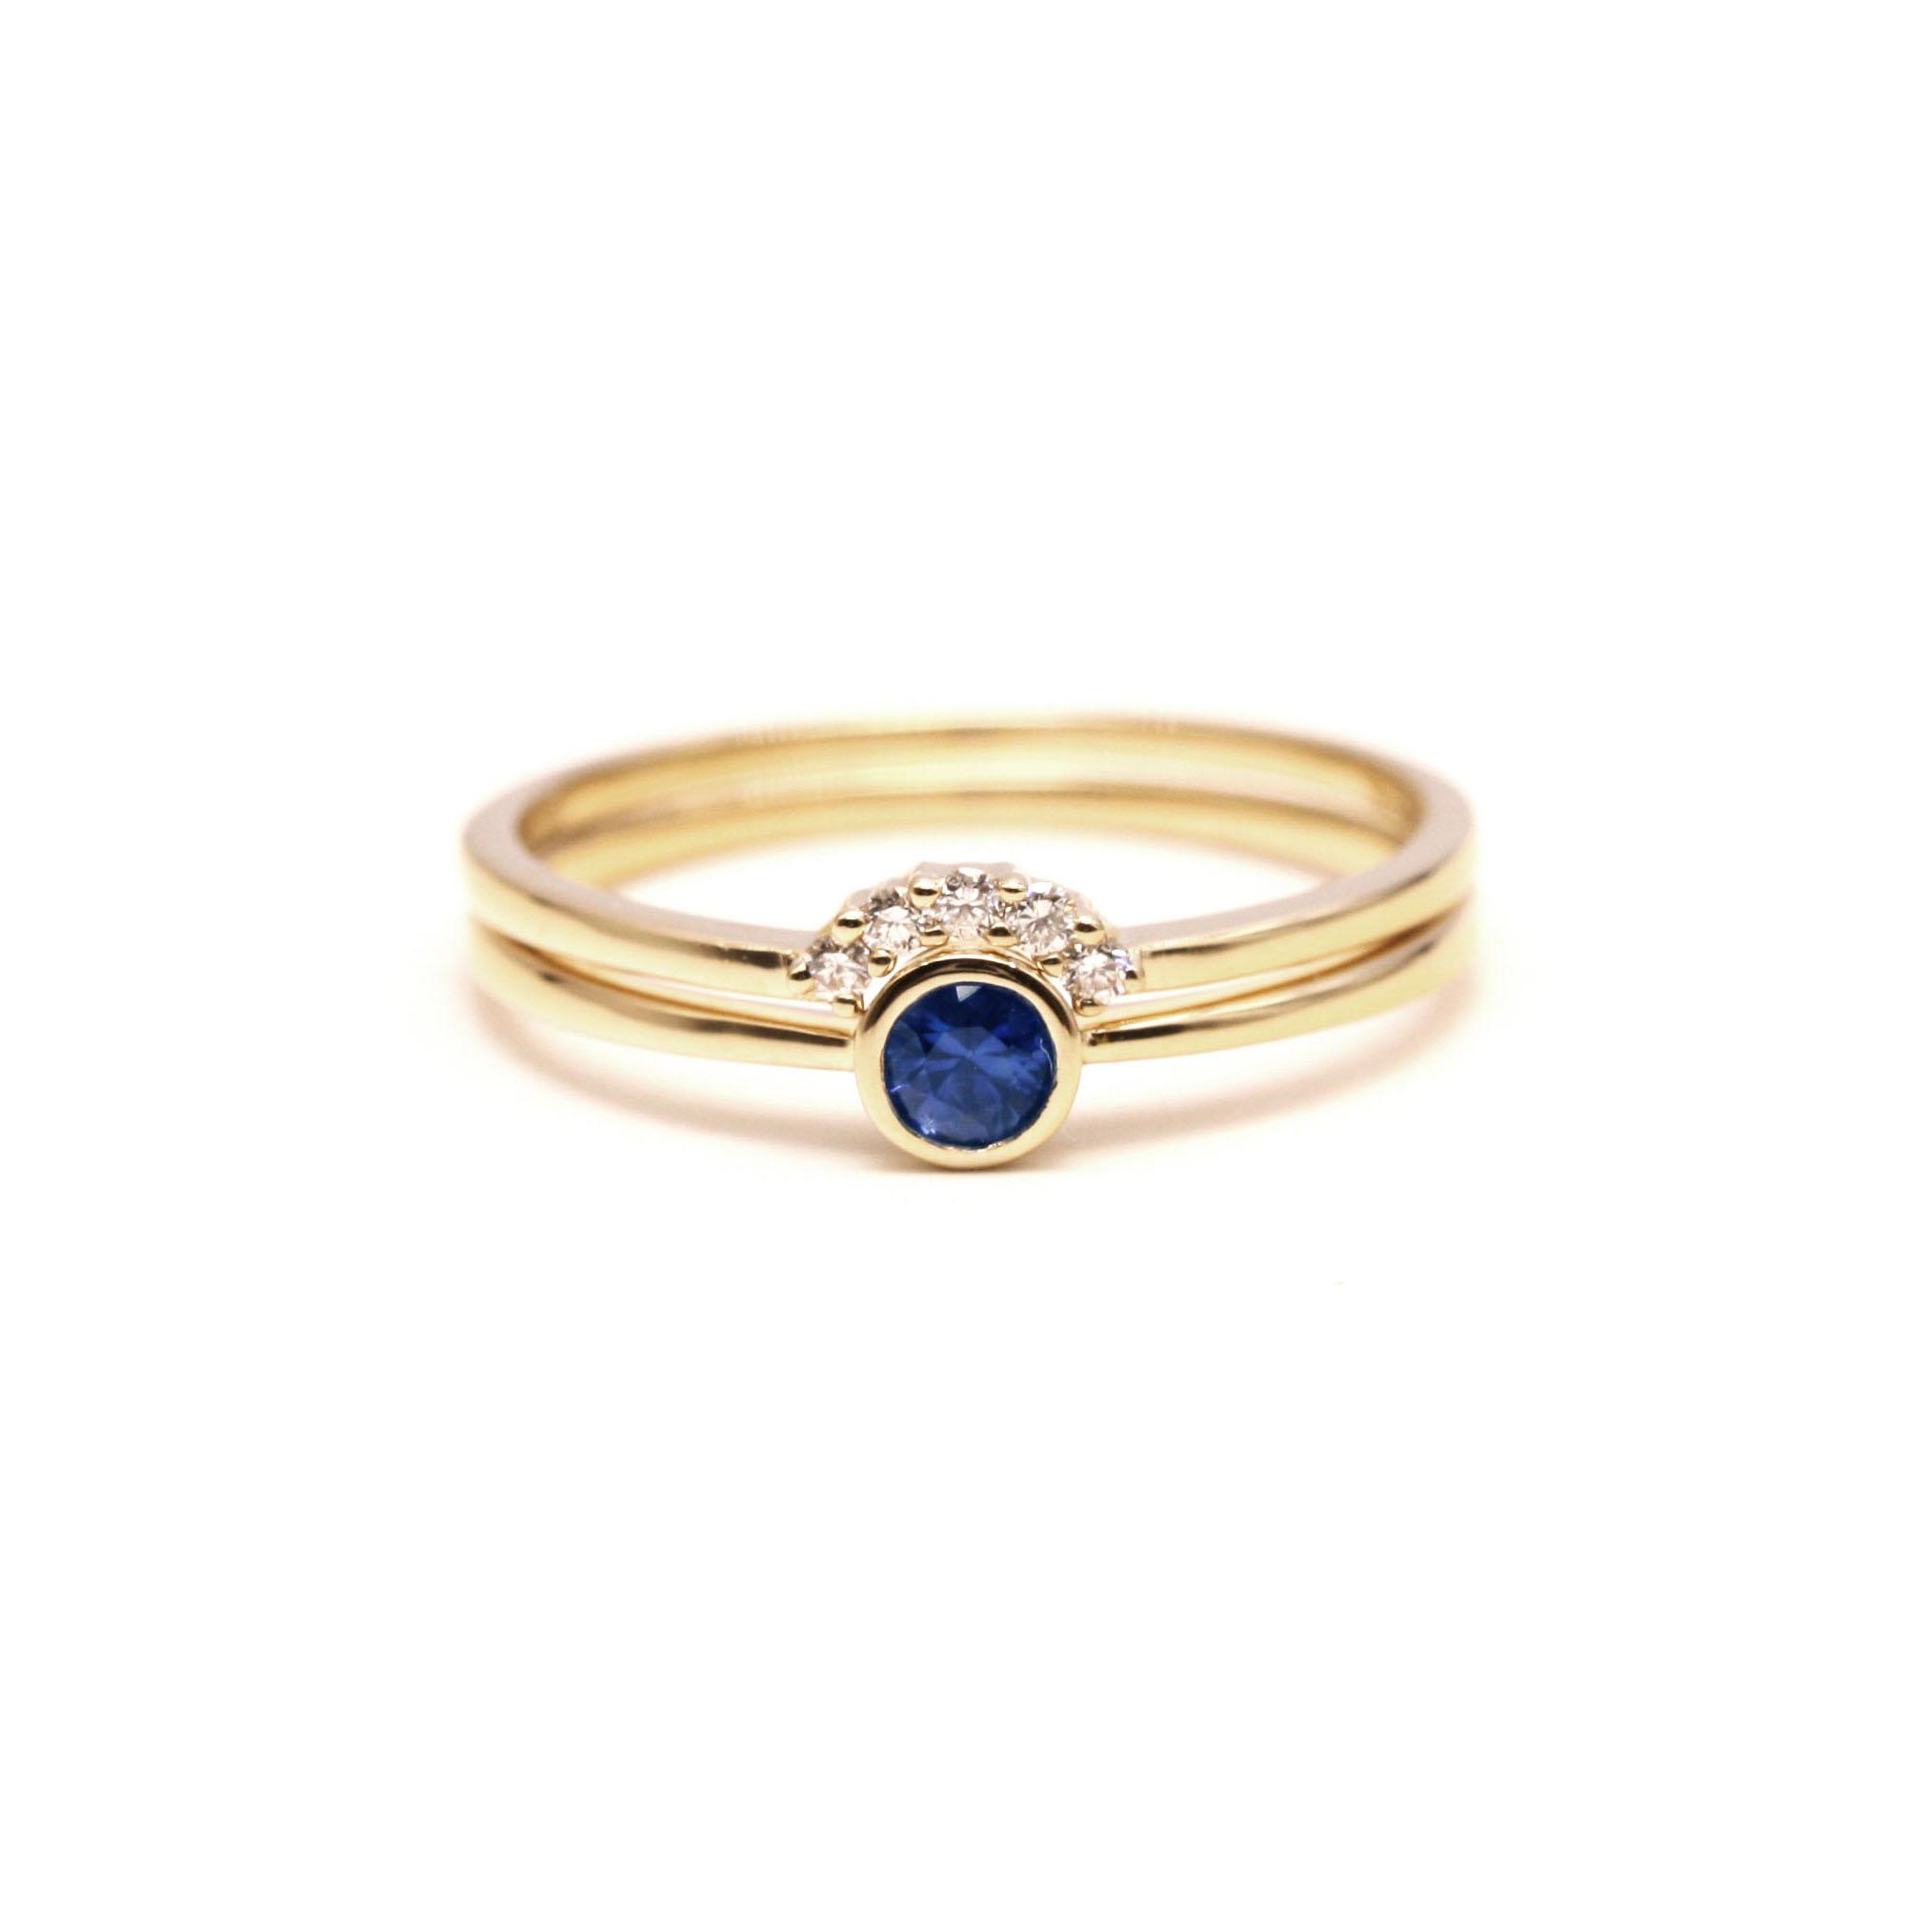 18K алмаз каменное кольцо подлинный юар алмаз бриллианты сапфир кольцо сломанный алмаз бриллианты кольцо